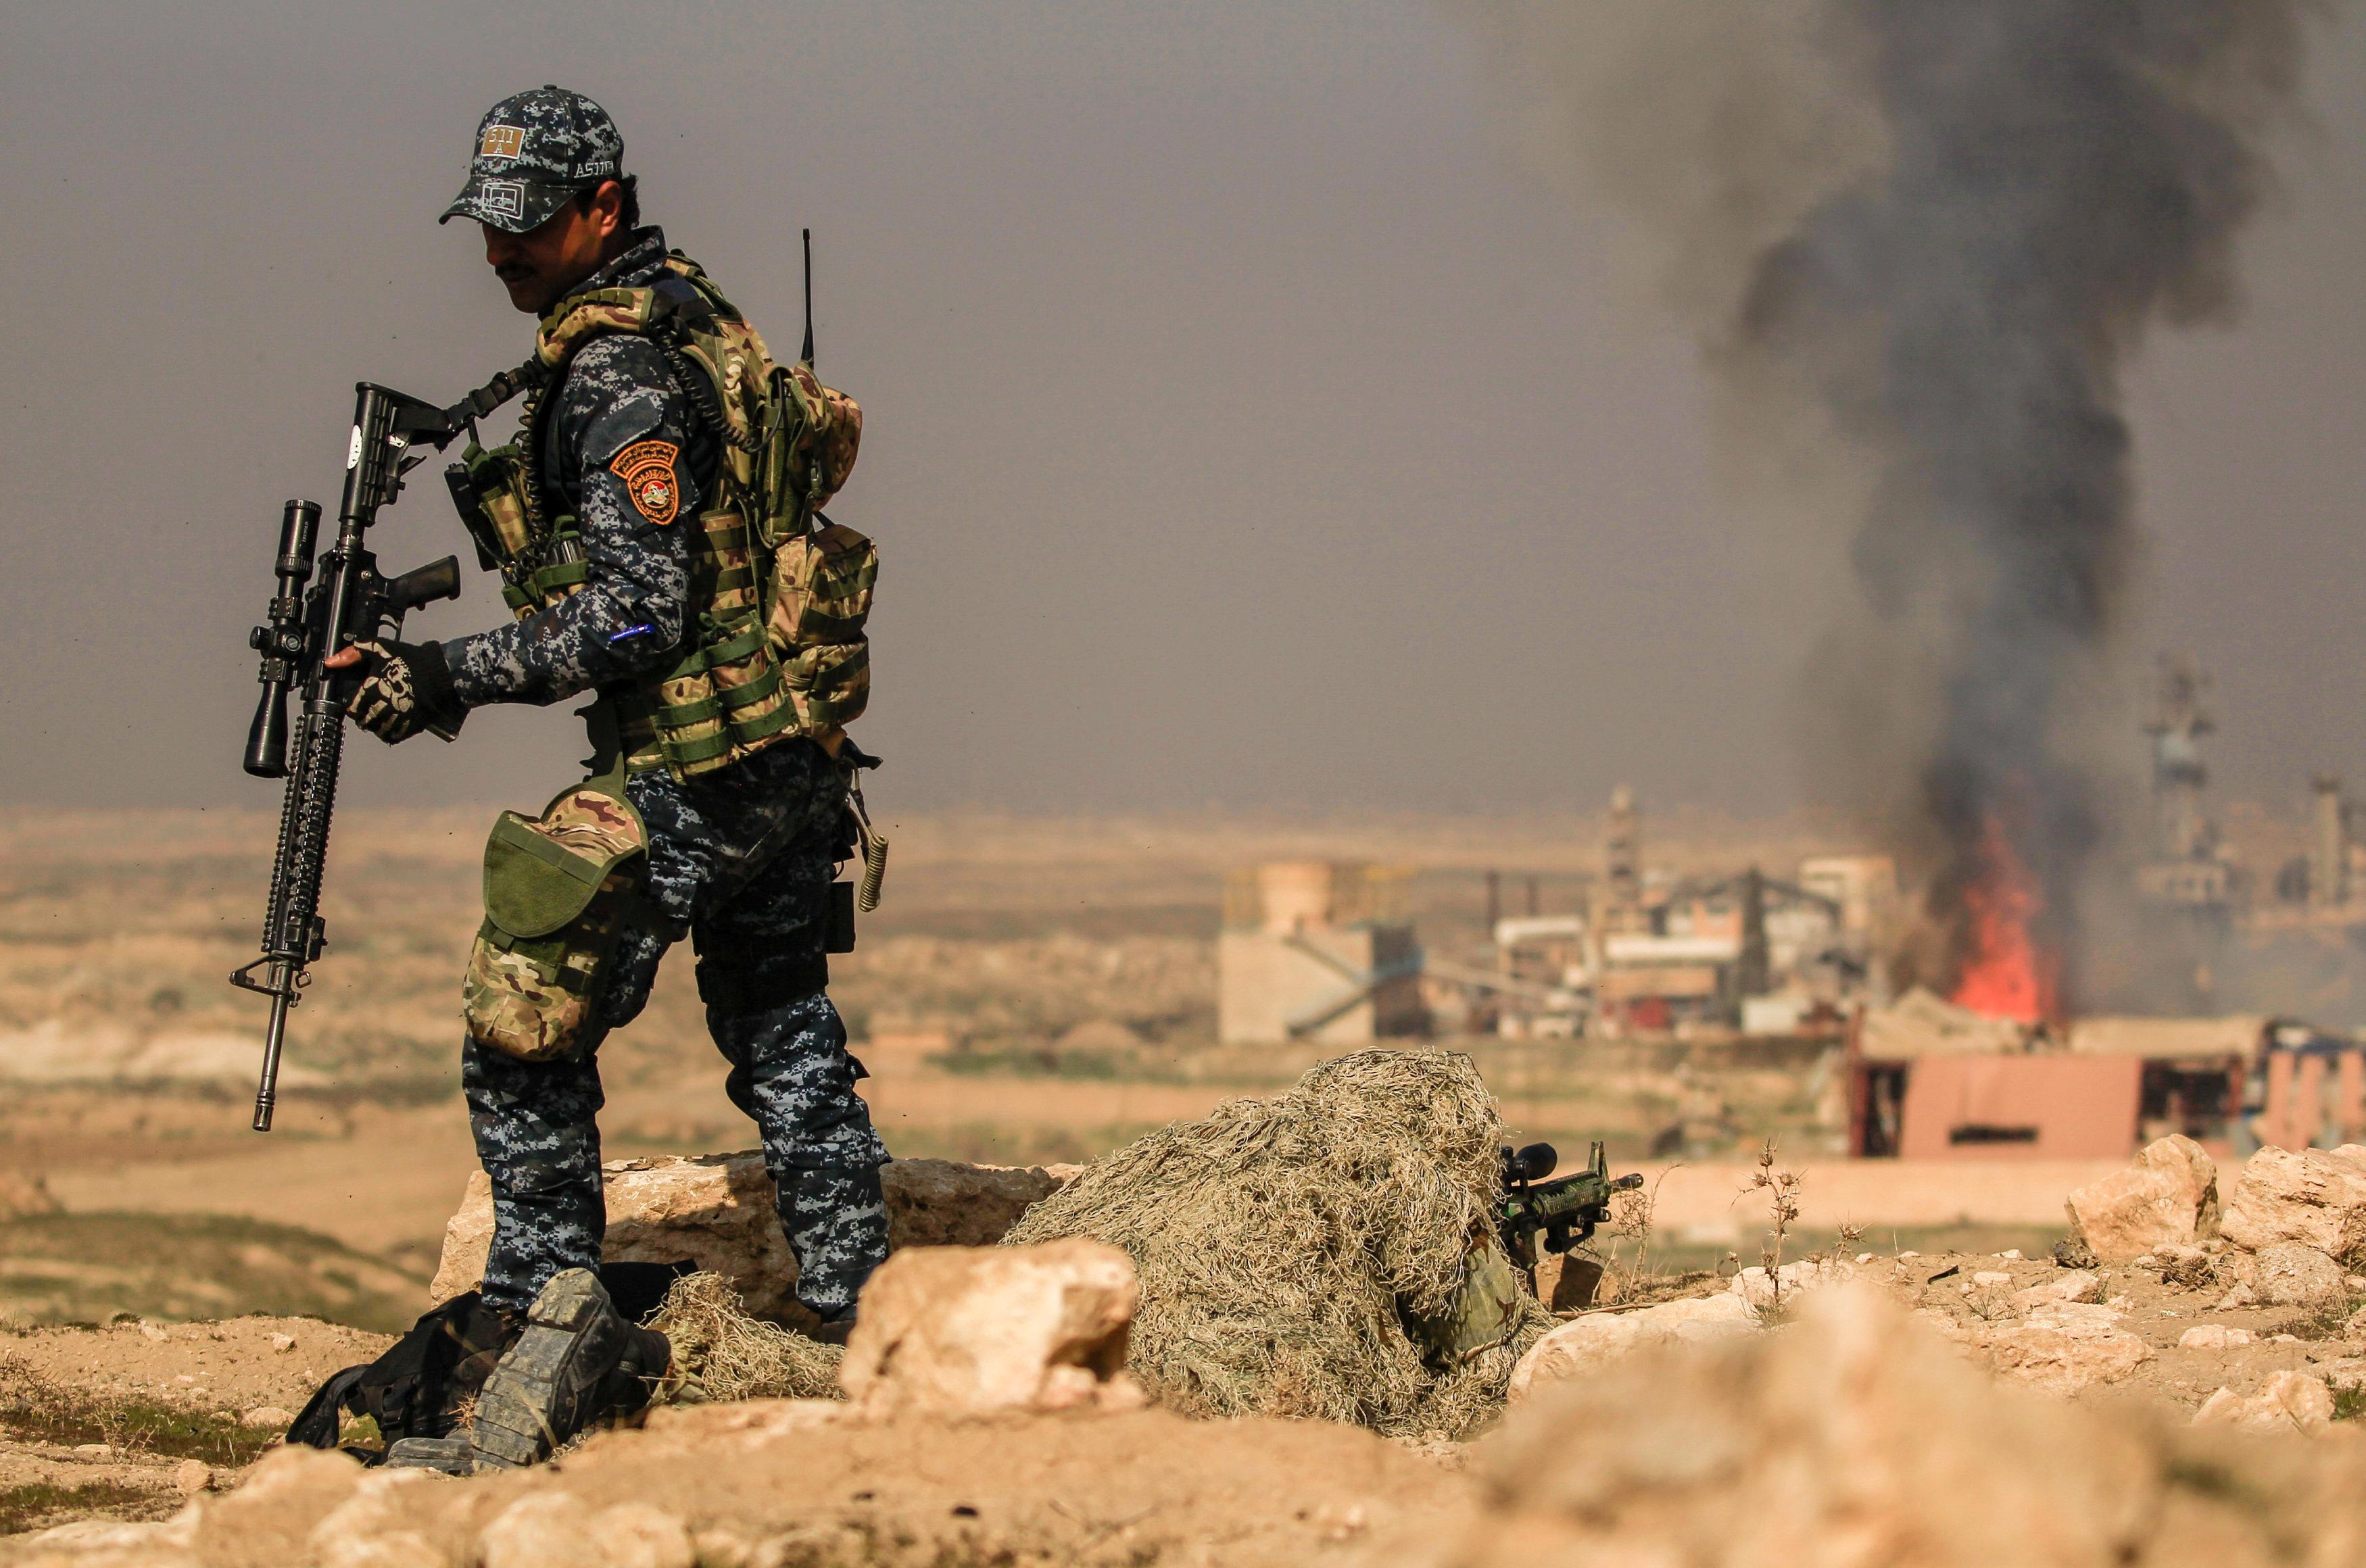 军事战乱下的伊拉克摩苏尔困境中前行